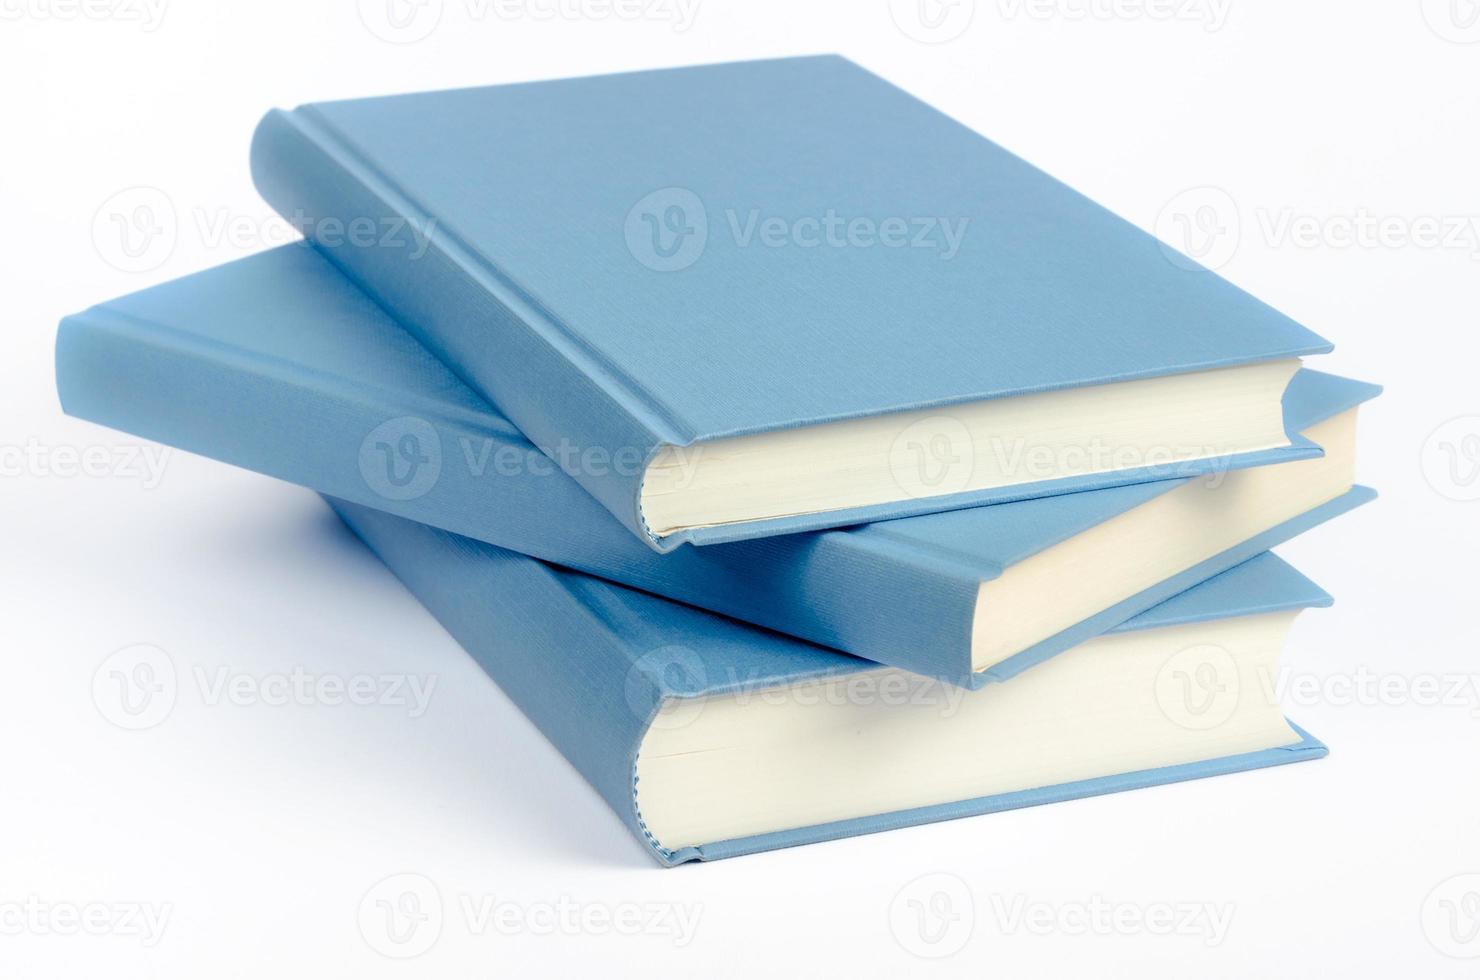 drie blauwe boeken op een witte achtergrond foto